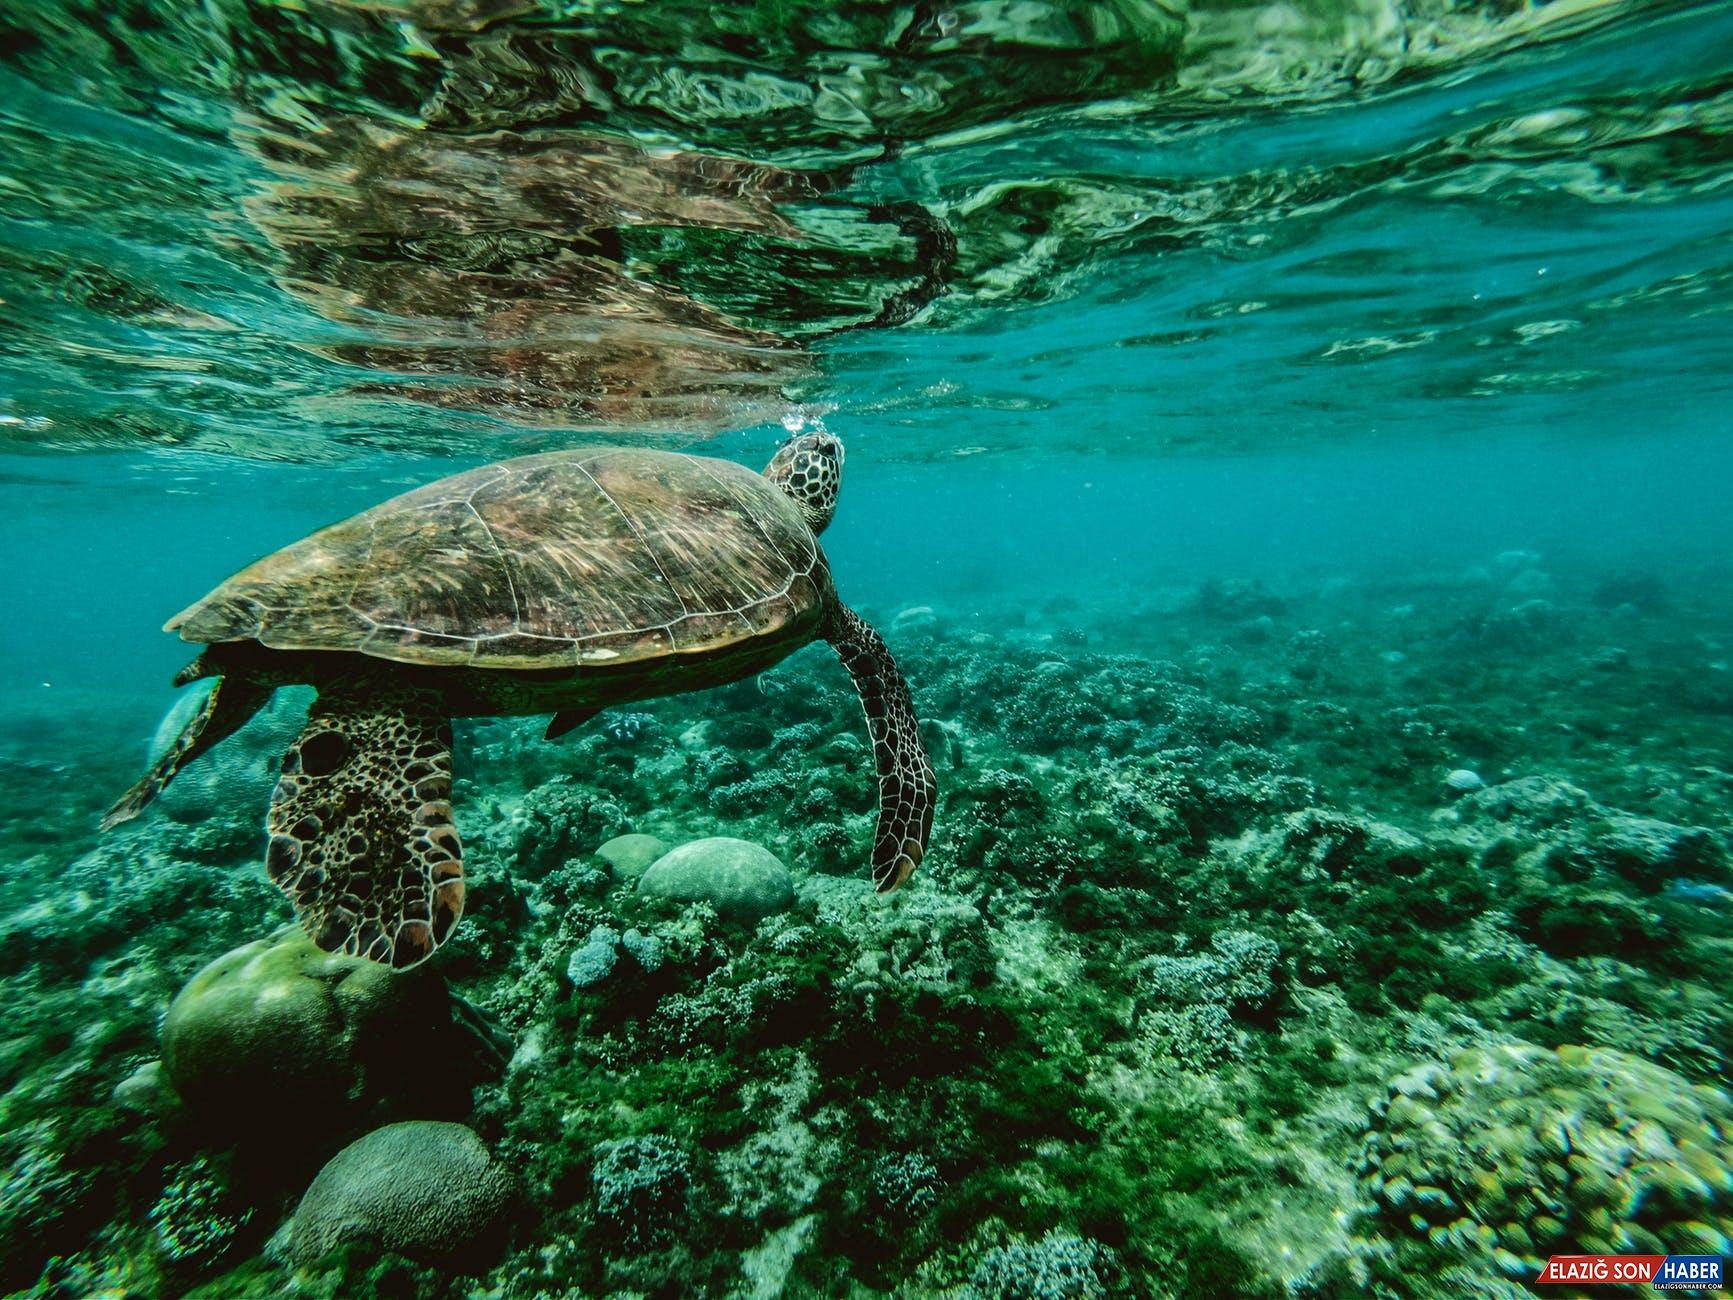 BM'nin Araştırmasına Göre İnsanlar, Doğaya 'Eşsiz' Bir Şekilde Zarar Veriyor